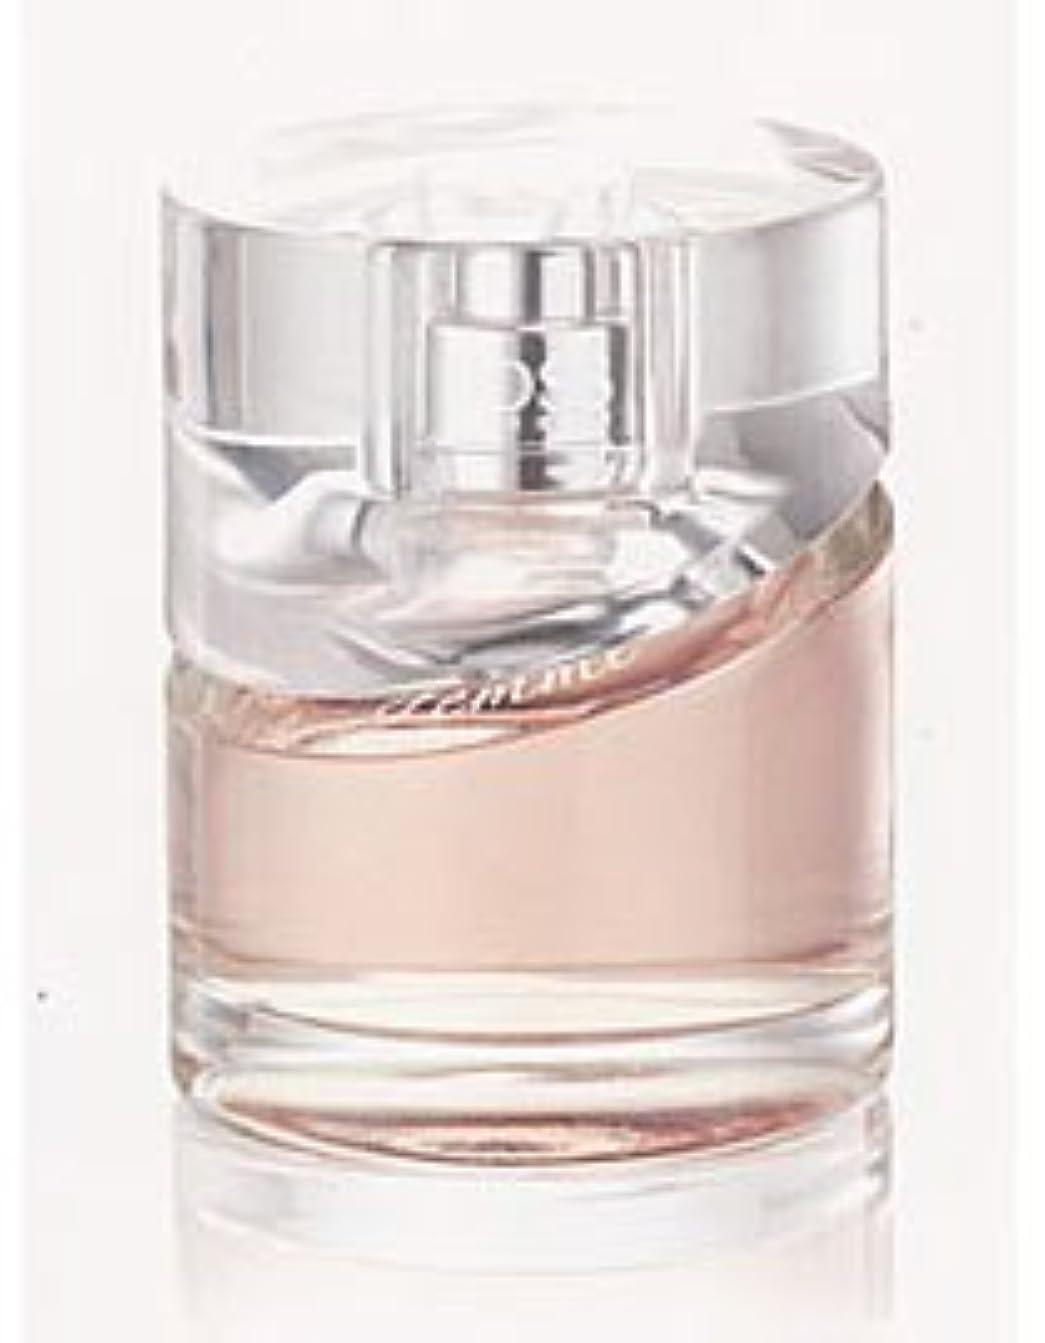 報酬の引き出す抵抗力がある[LOreal] Mythic Oil Souffle dOr Sparkling Conditioner (For All Hair Types) 750ml/25.4oz